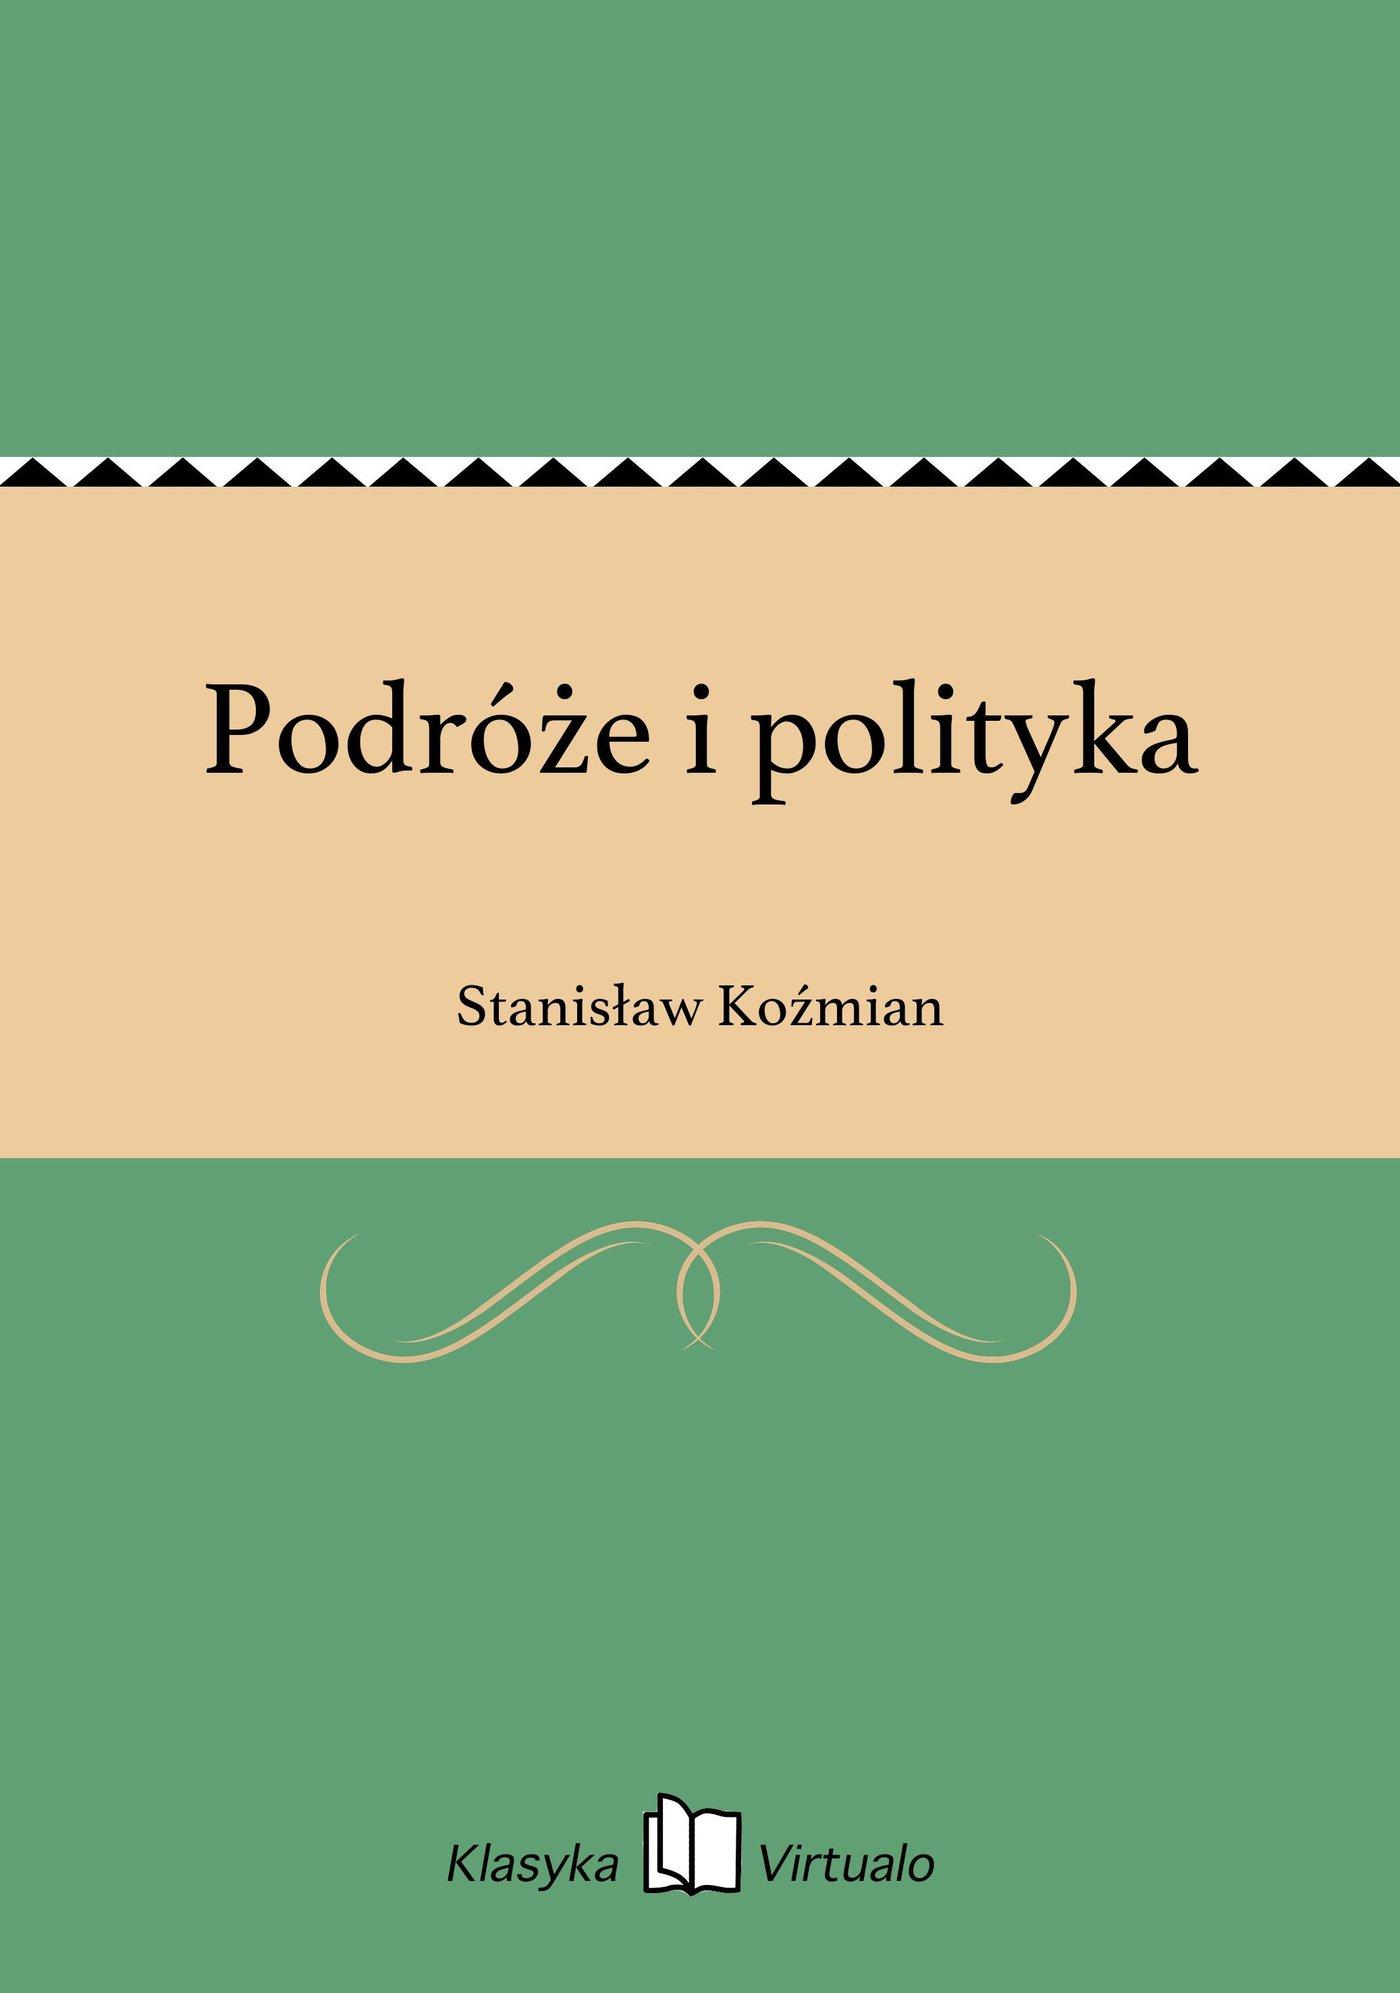 Podróże i polityka - Ebook (Książka na Kindle) do pobrania w formacie MOBI